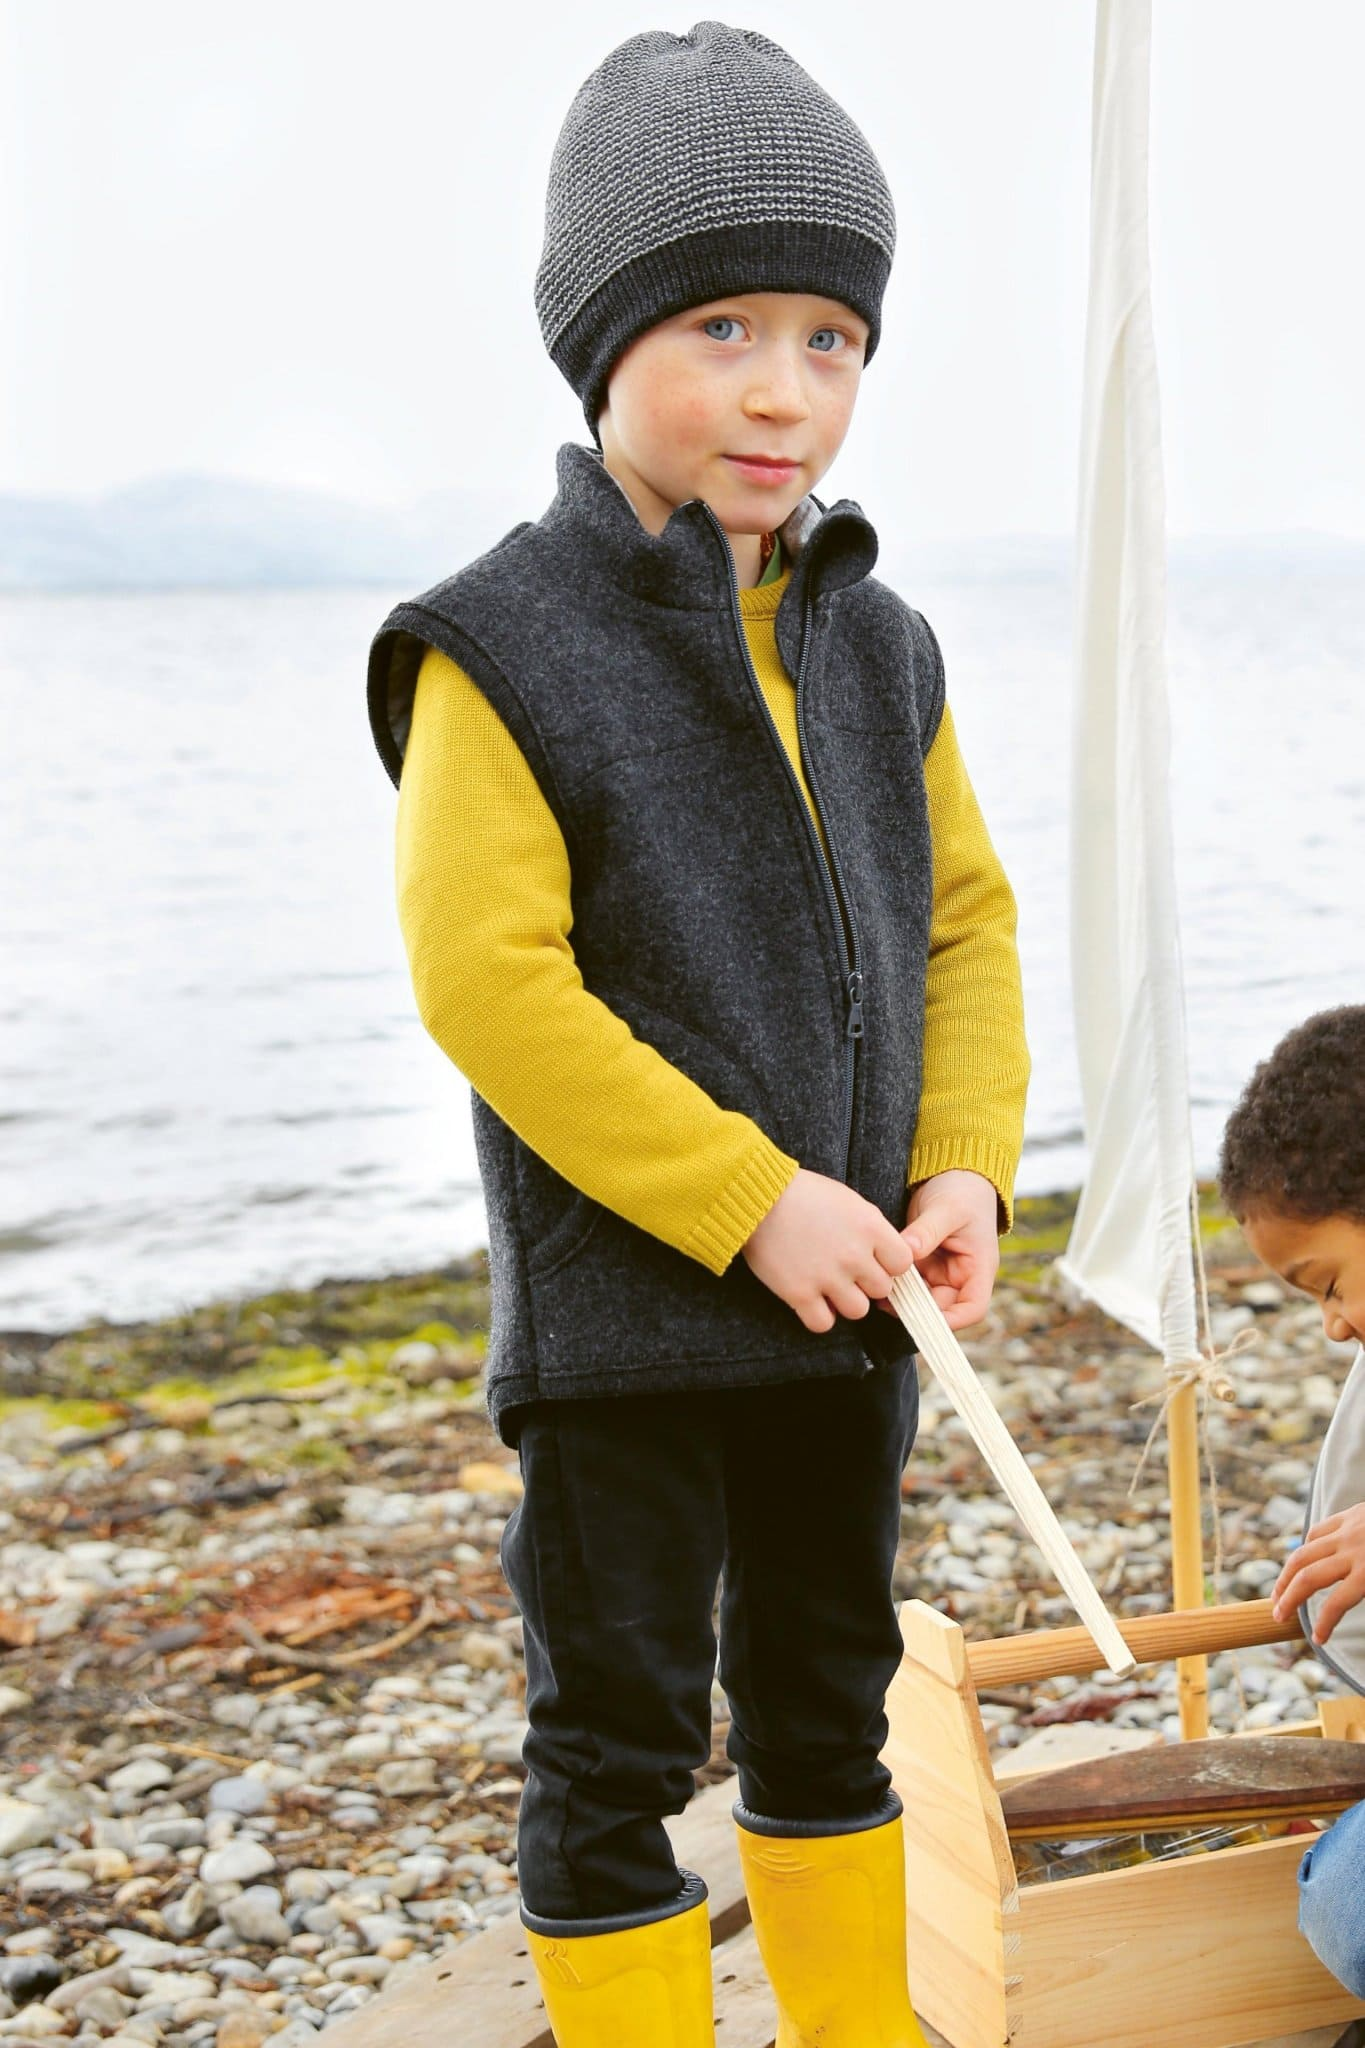 Barnkläder filtad ull väst jacka mössa modell Disana 284de453ddb1f